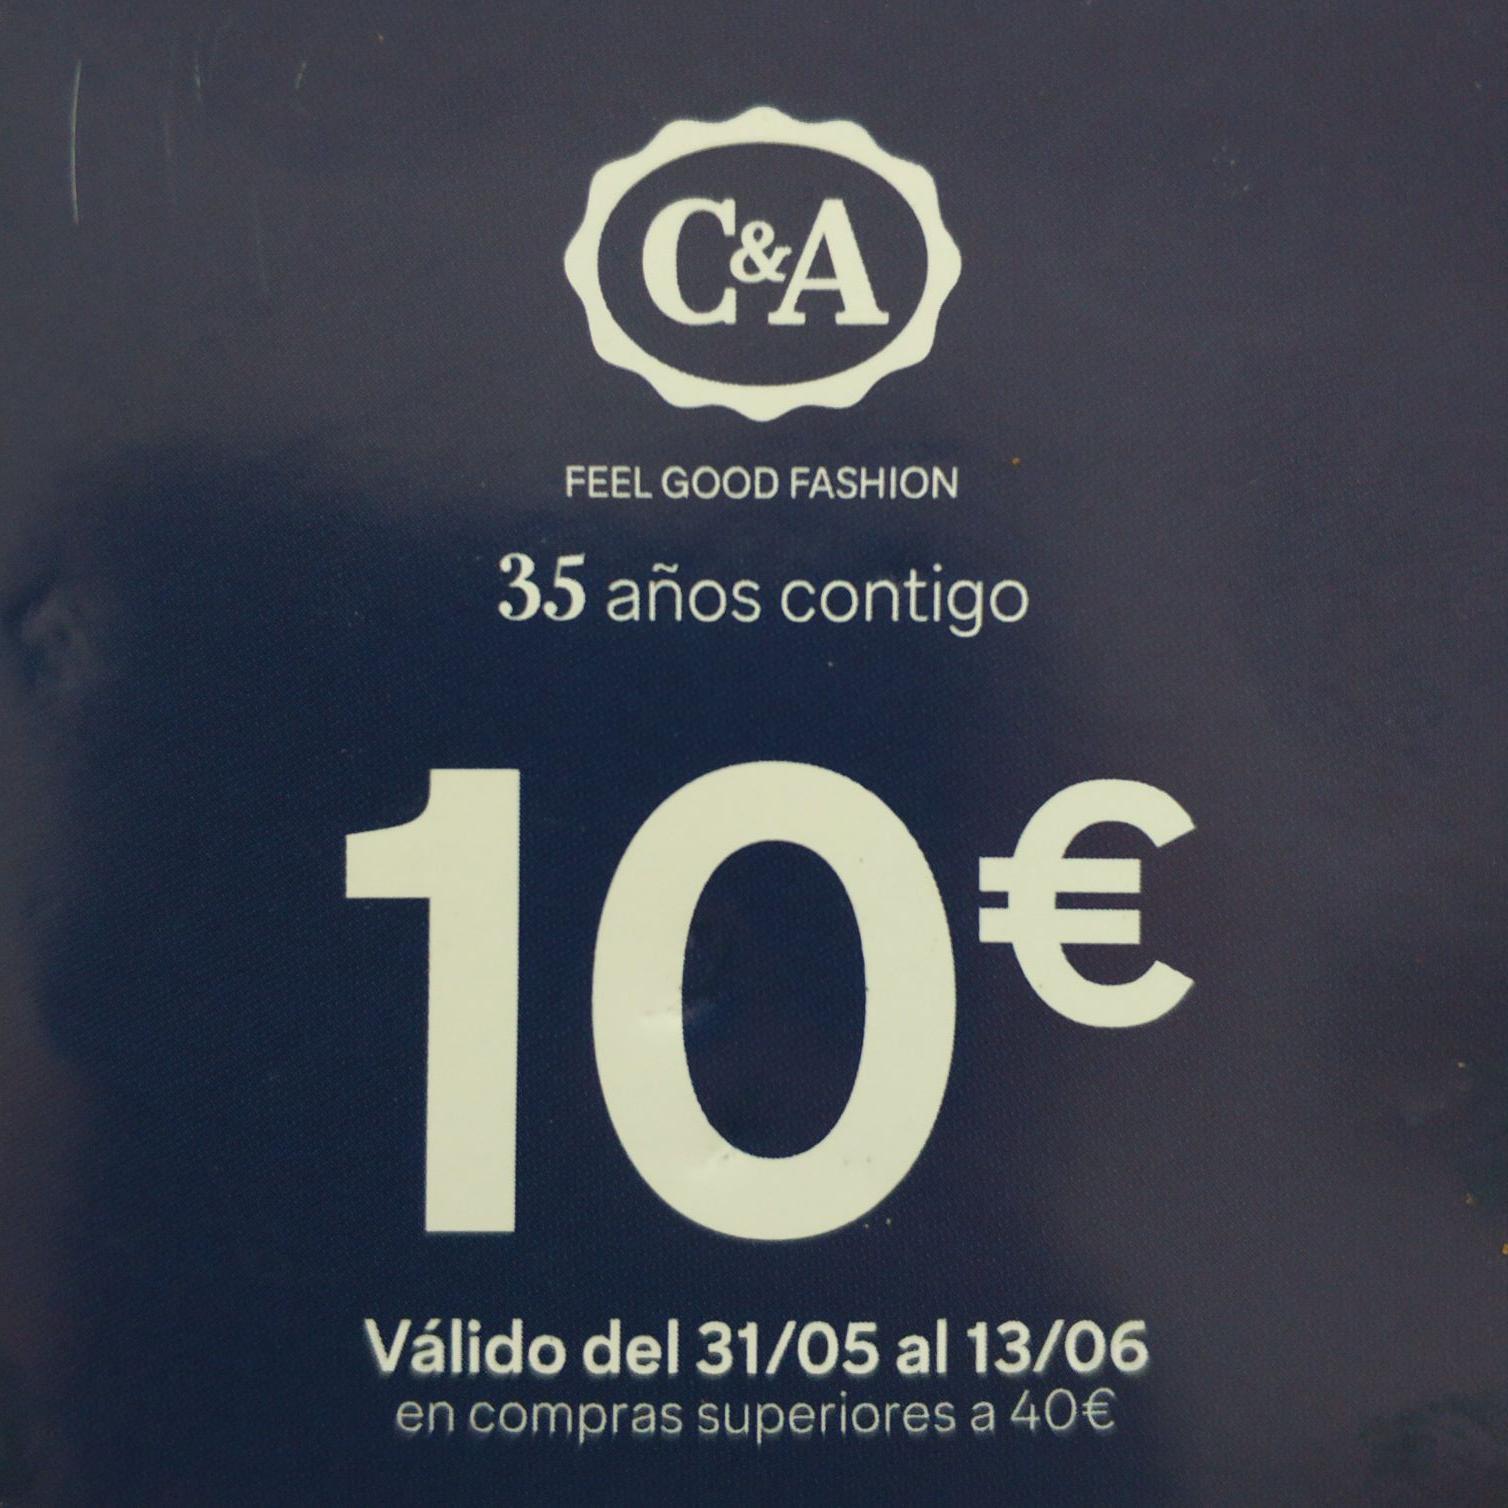 10 euros de descuento en C&A